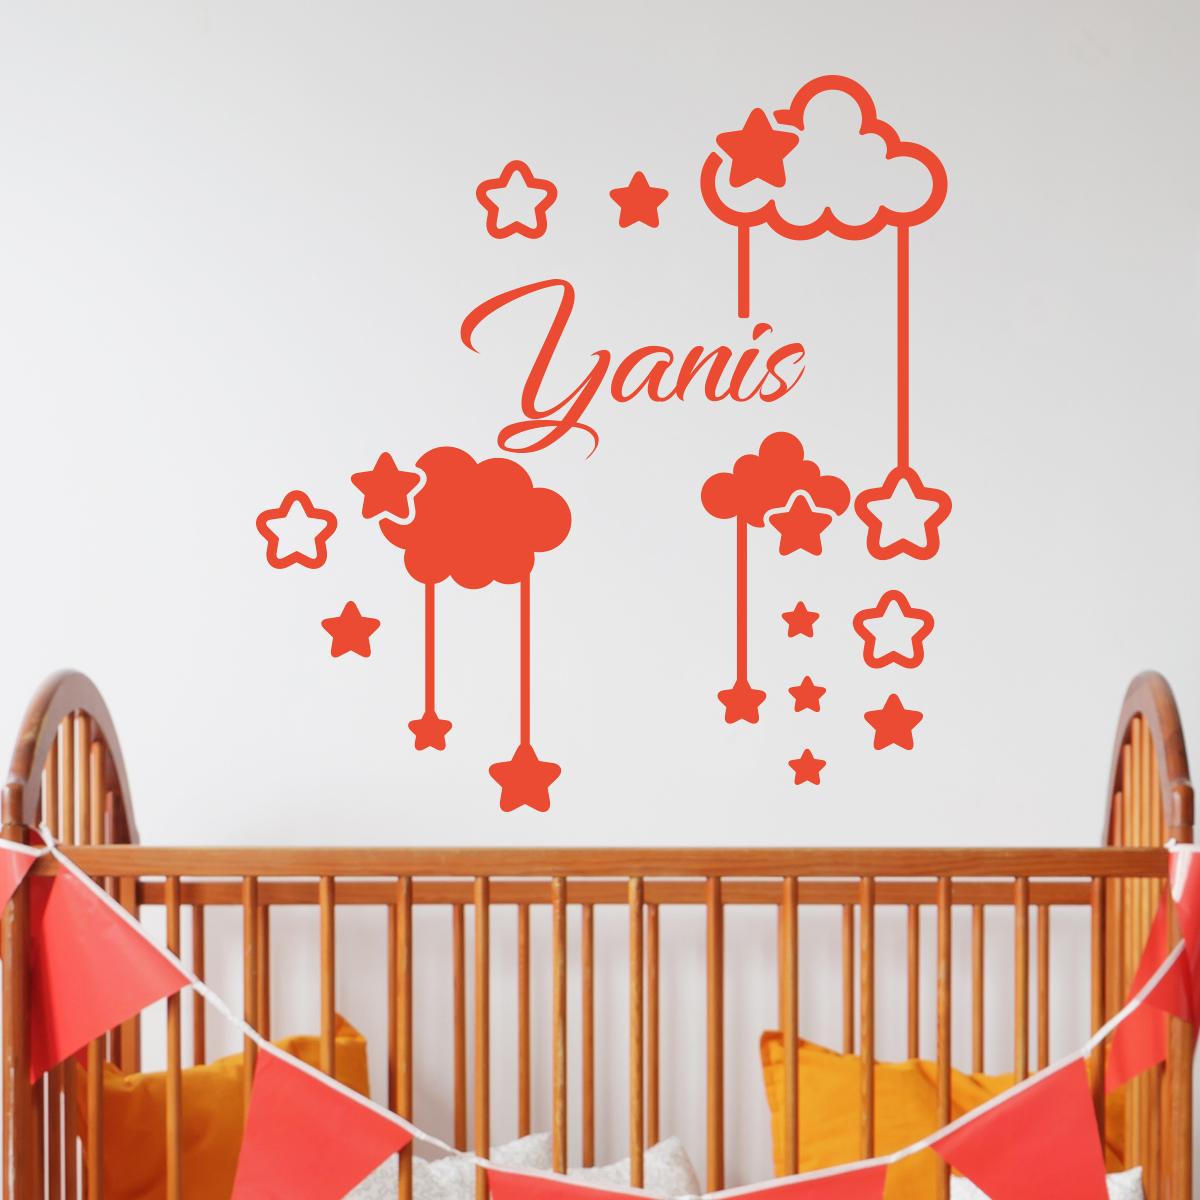 sticker pr nom personnalis ciel toil entre les nuages chambre enfants pr noms ambiance. Black Bedroom Furniture Sets. Home Design Ideas